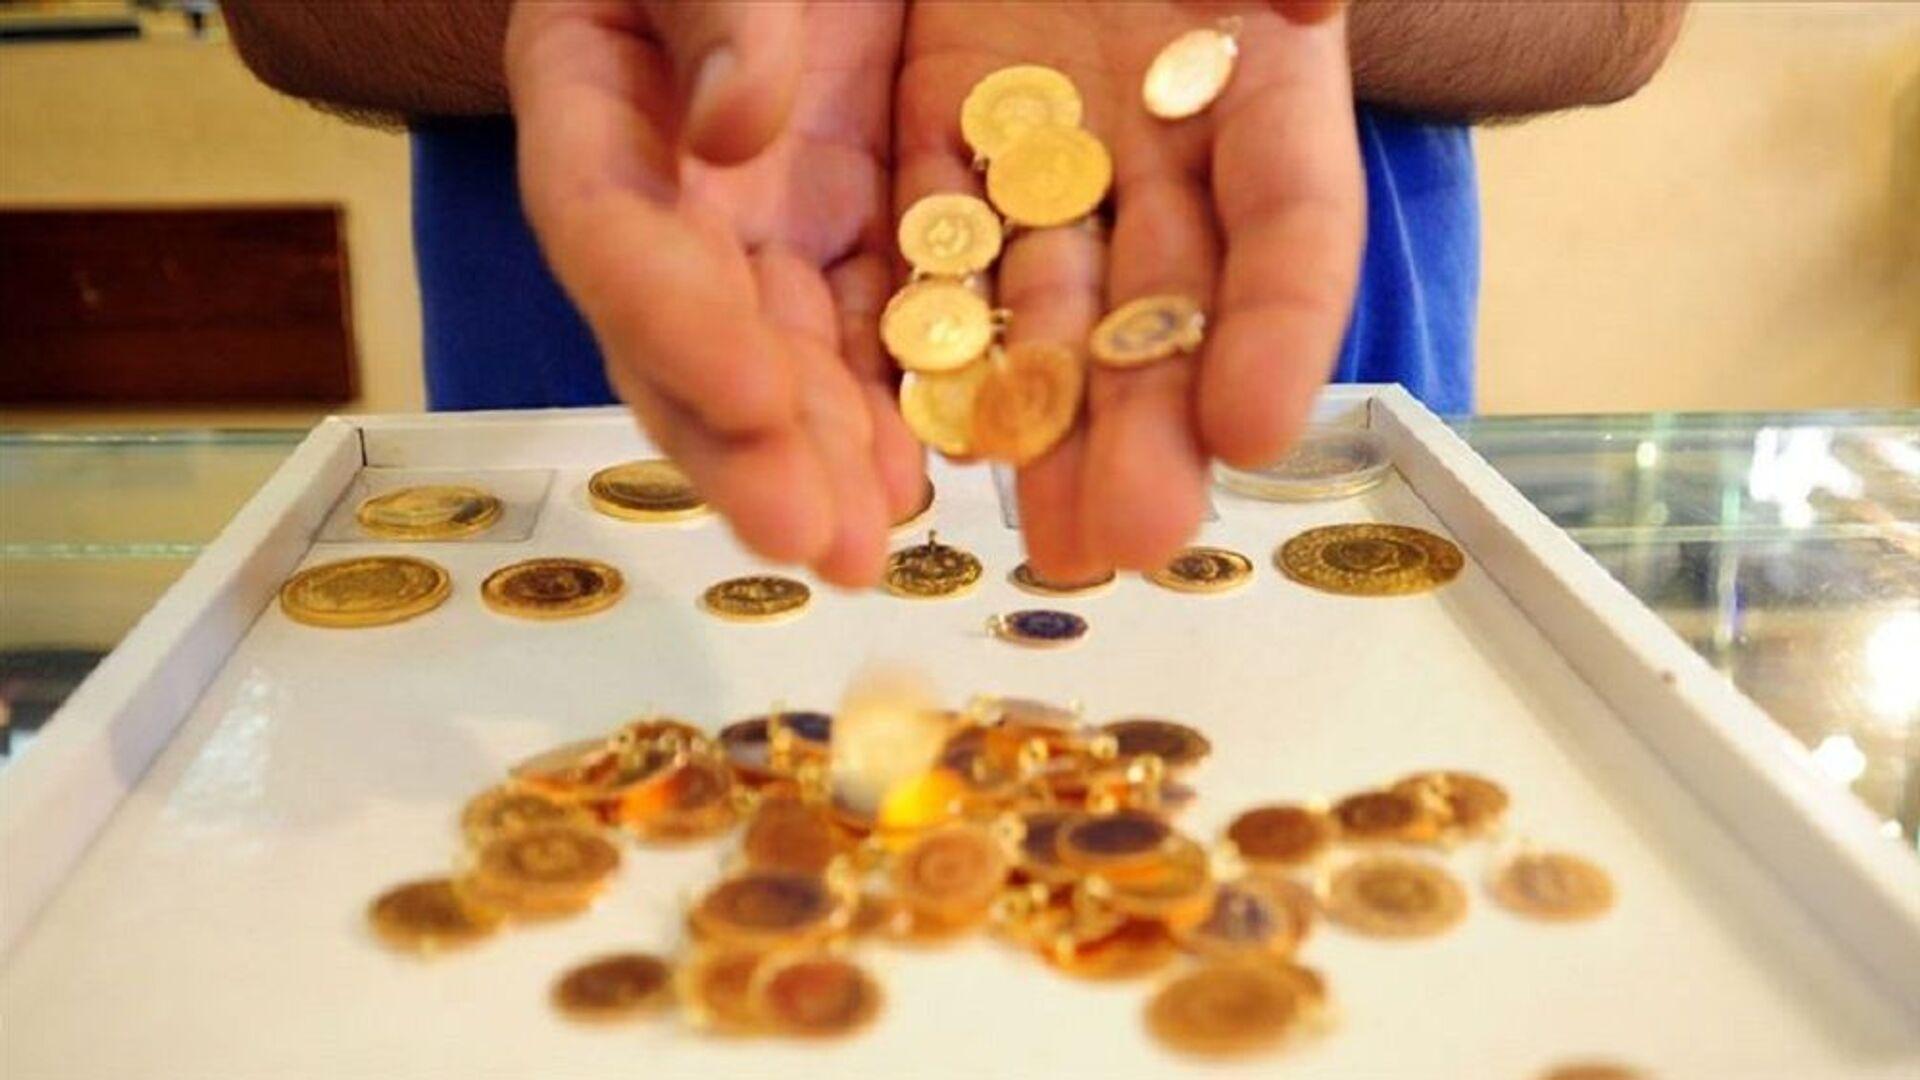 Gram altın, çeyrek altın, altın - Sputnik Türkiye, 1920, 14.06.2021